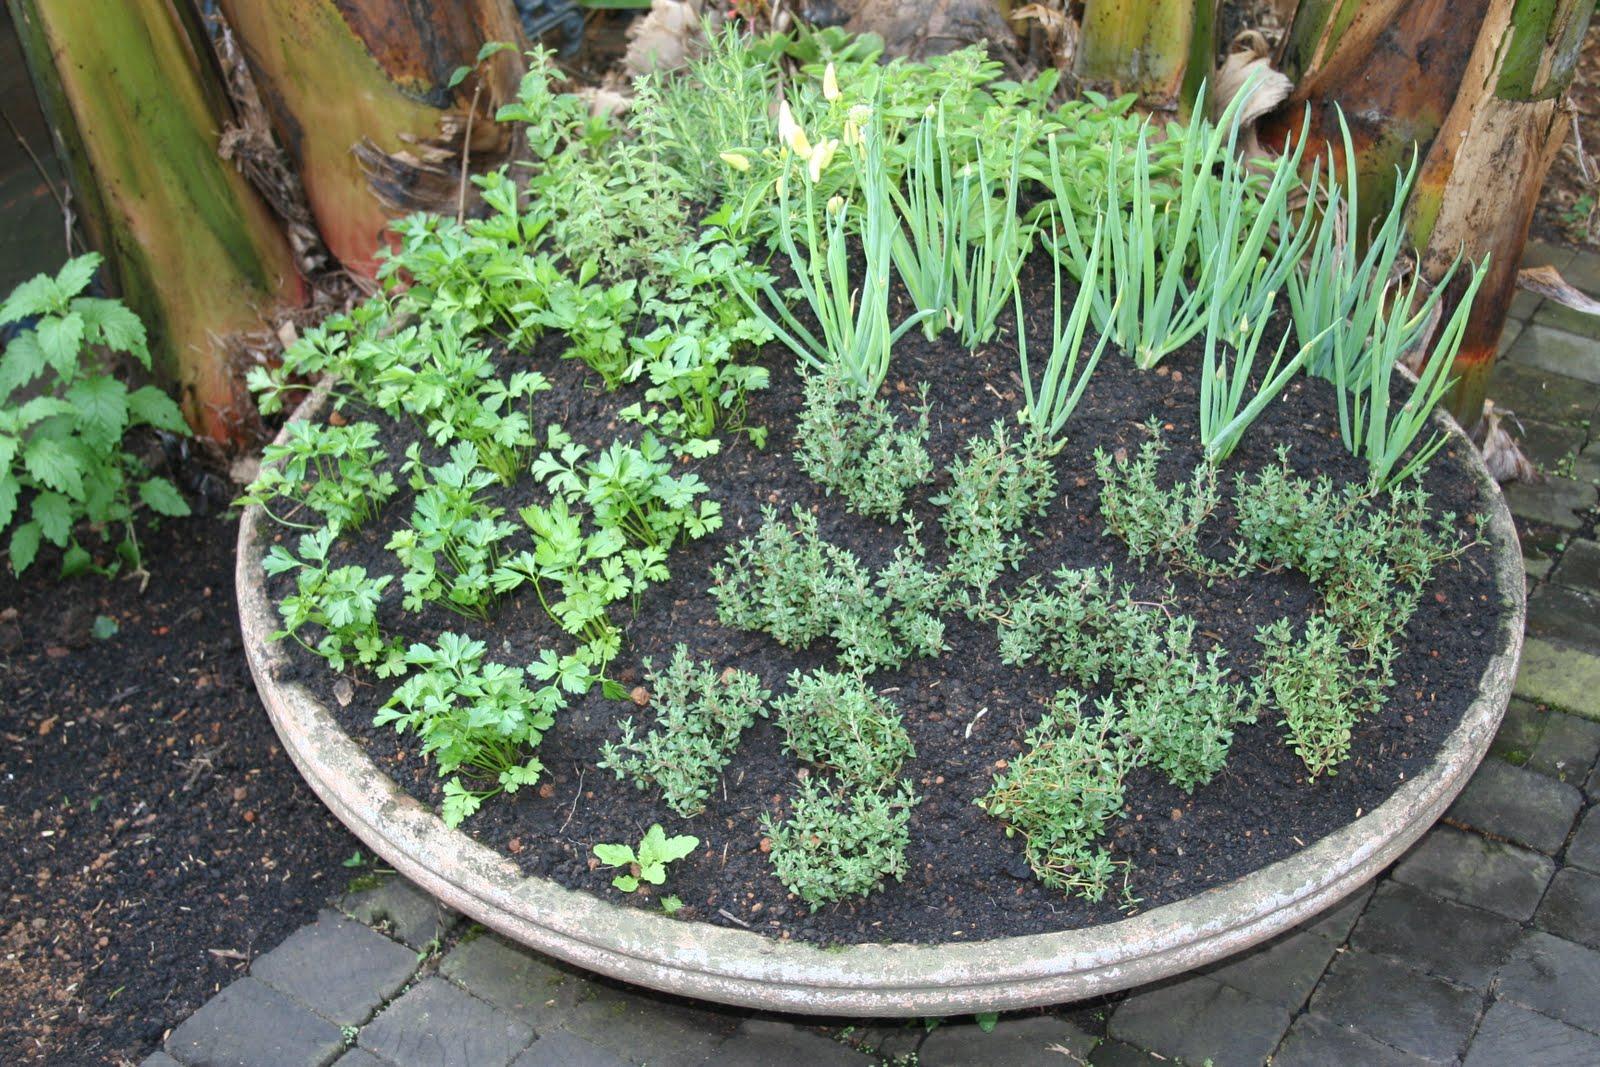 flores jardins pequenos:Blog Mania de Flor: Jardins em pequenos espaços